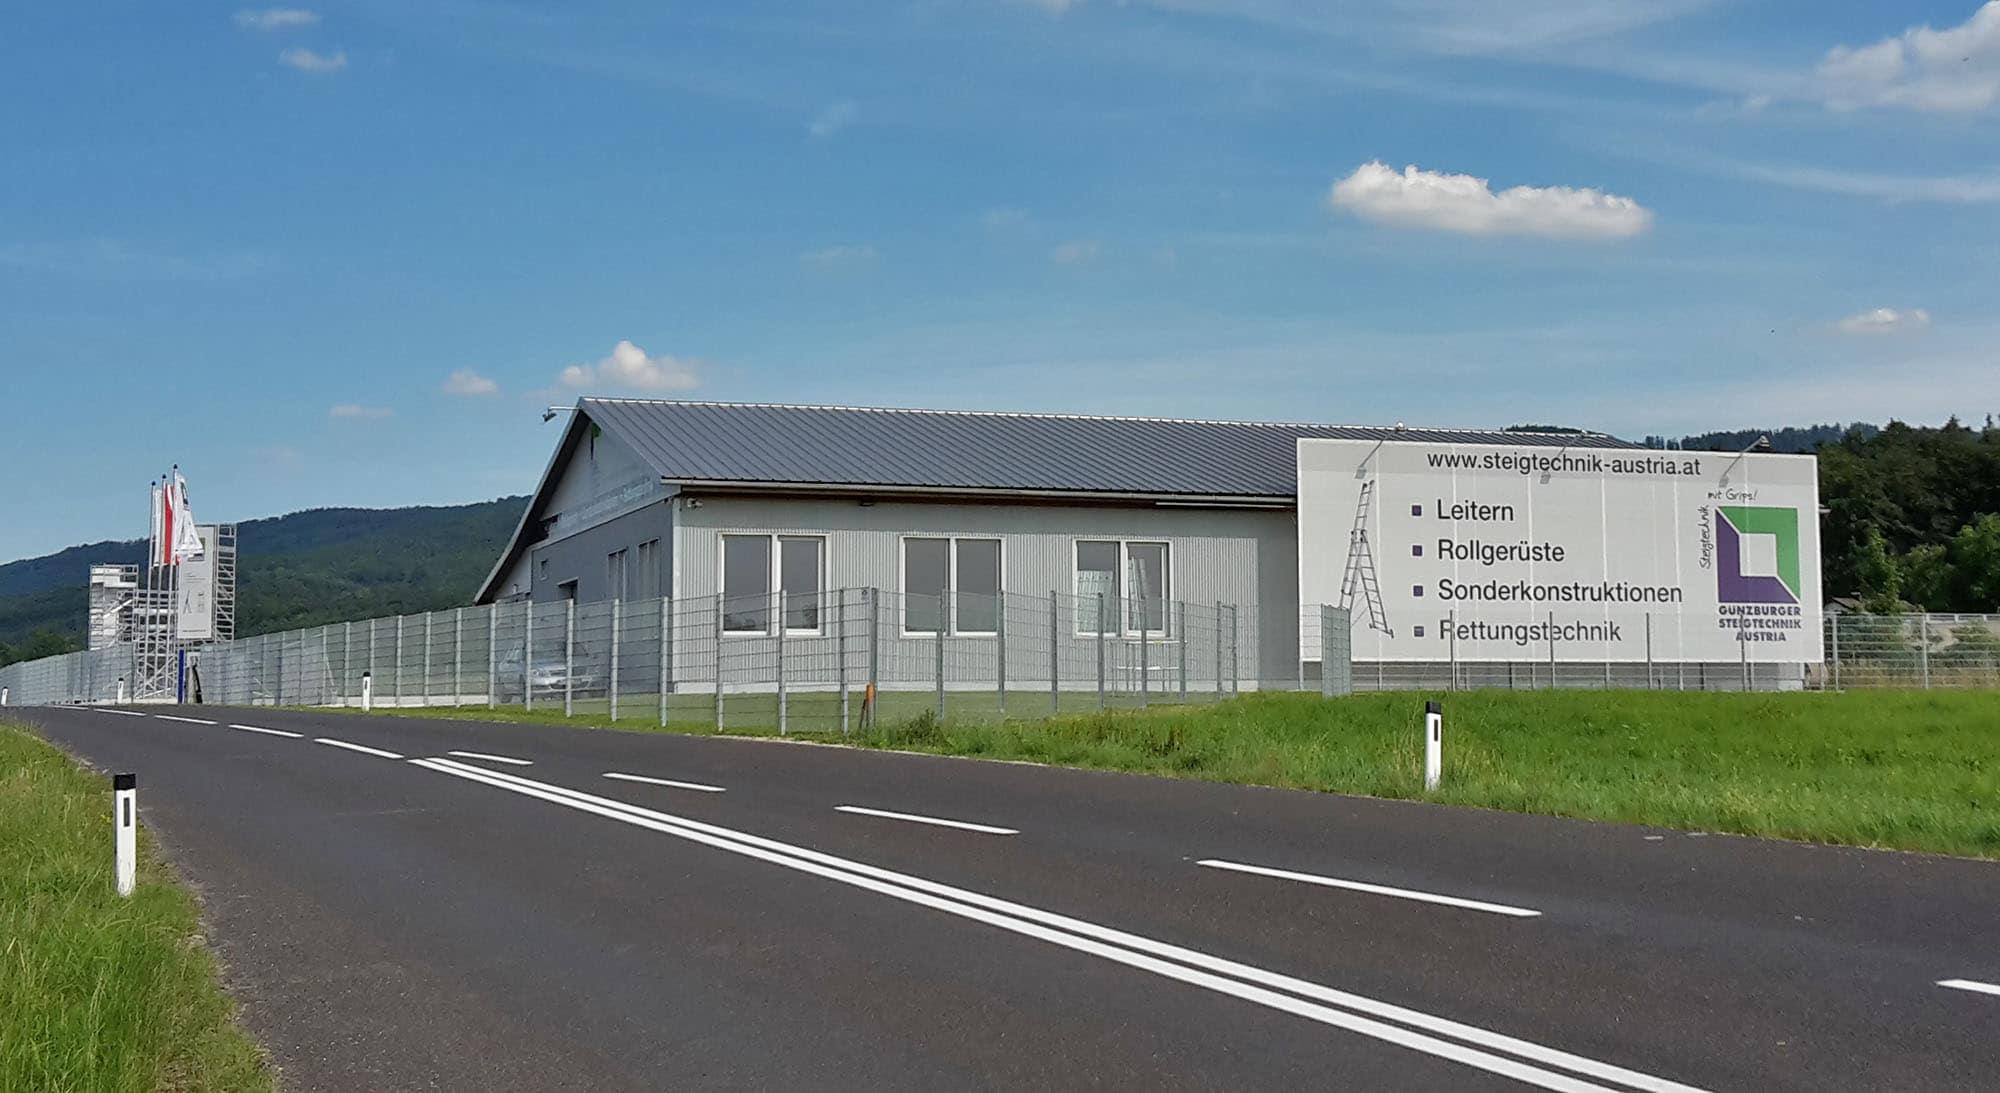 Günzburger Steigtechnik in Austria – Neue Niederlassung des Qualitätsherstellers in Aurach am Hongar